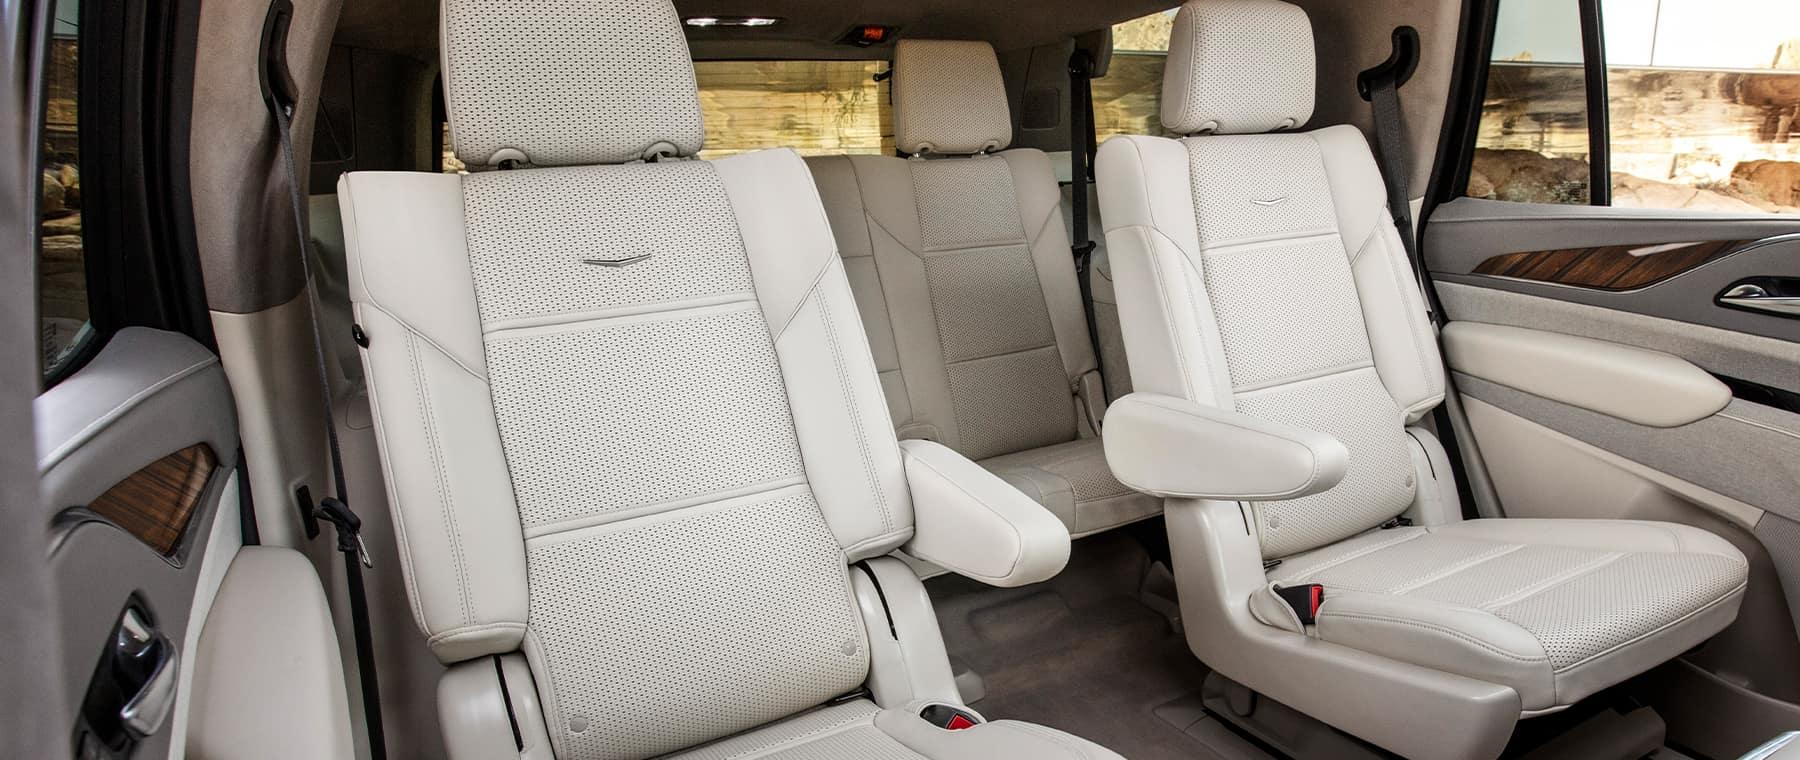 2021 Cadillac Escalade back seats